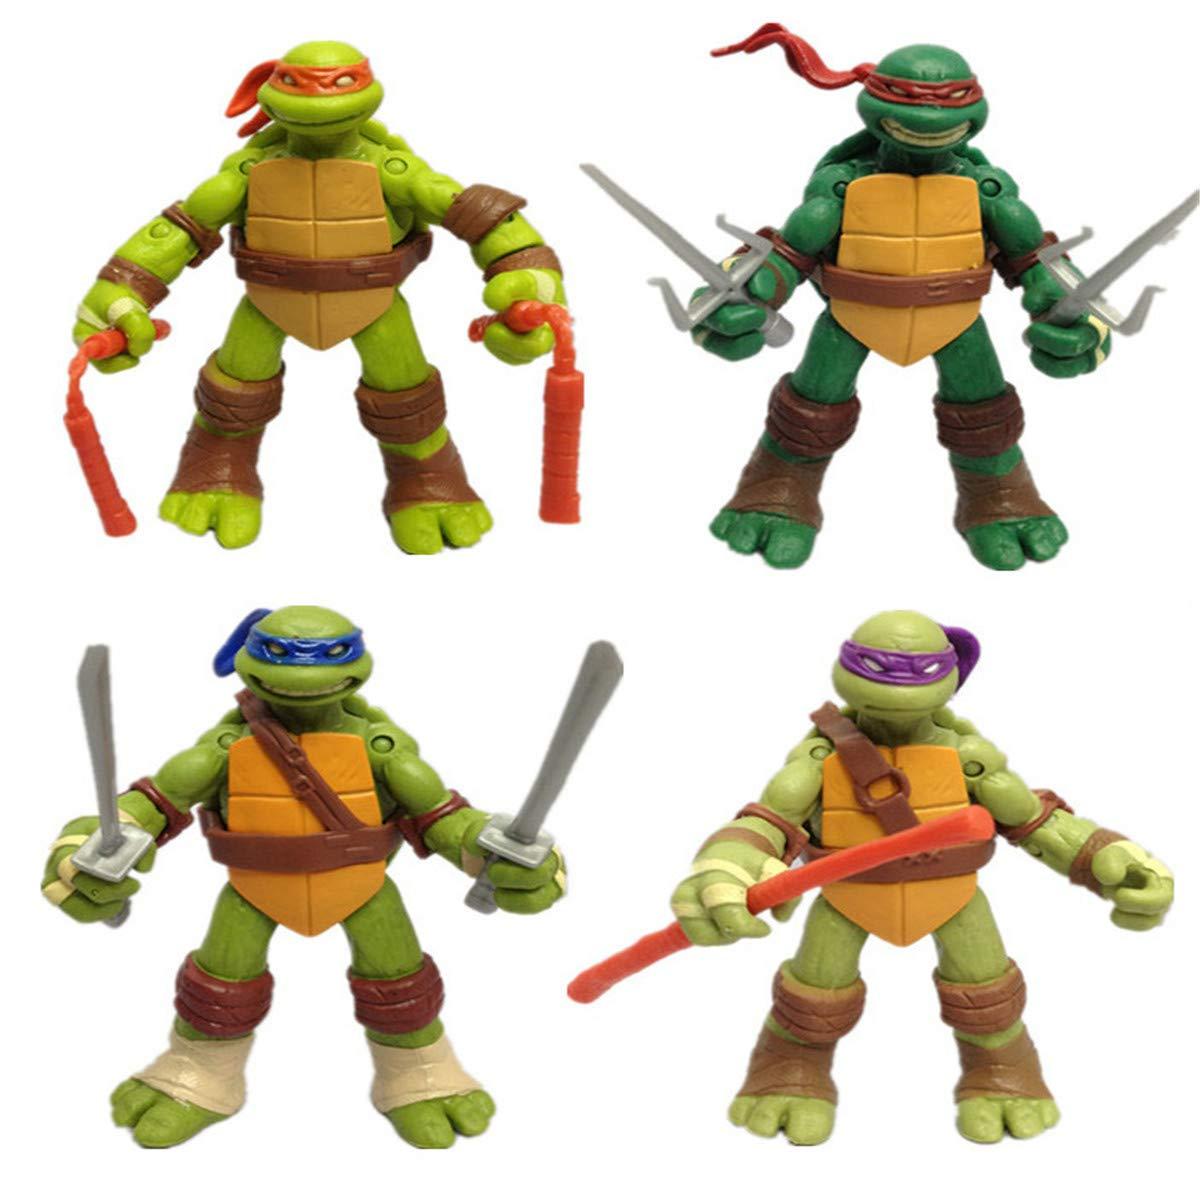 Amazon.com: HappySky Four Teenage Mutant Ninja Turtles Dolls ...